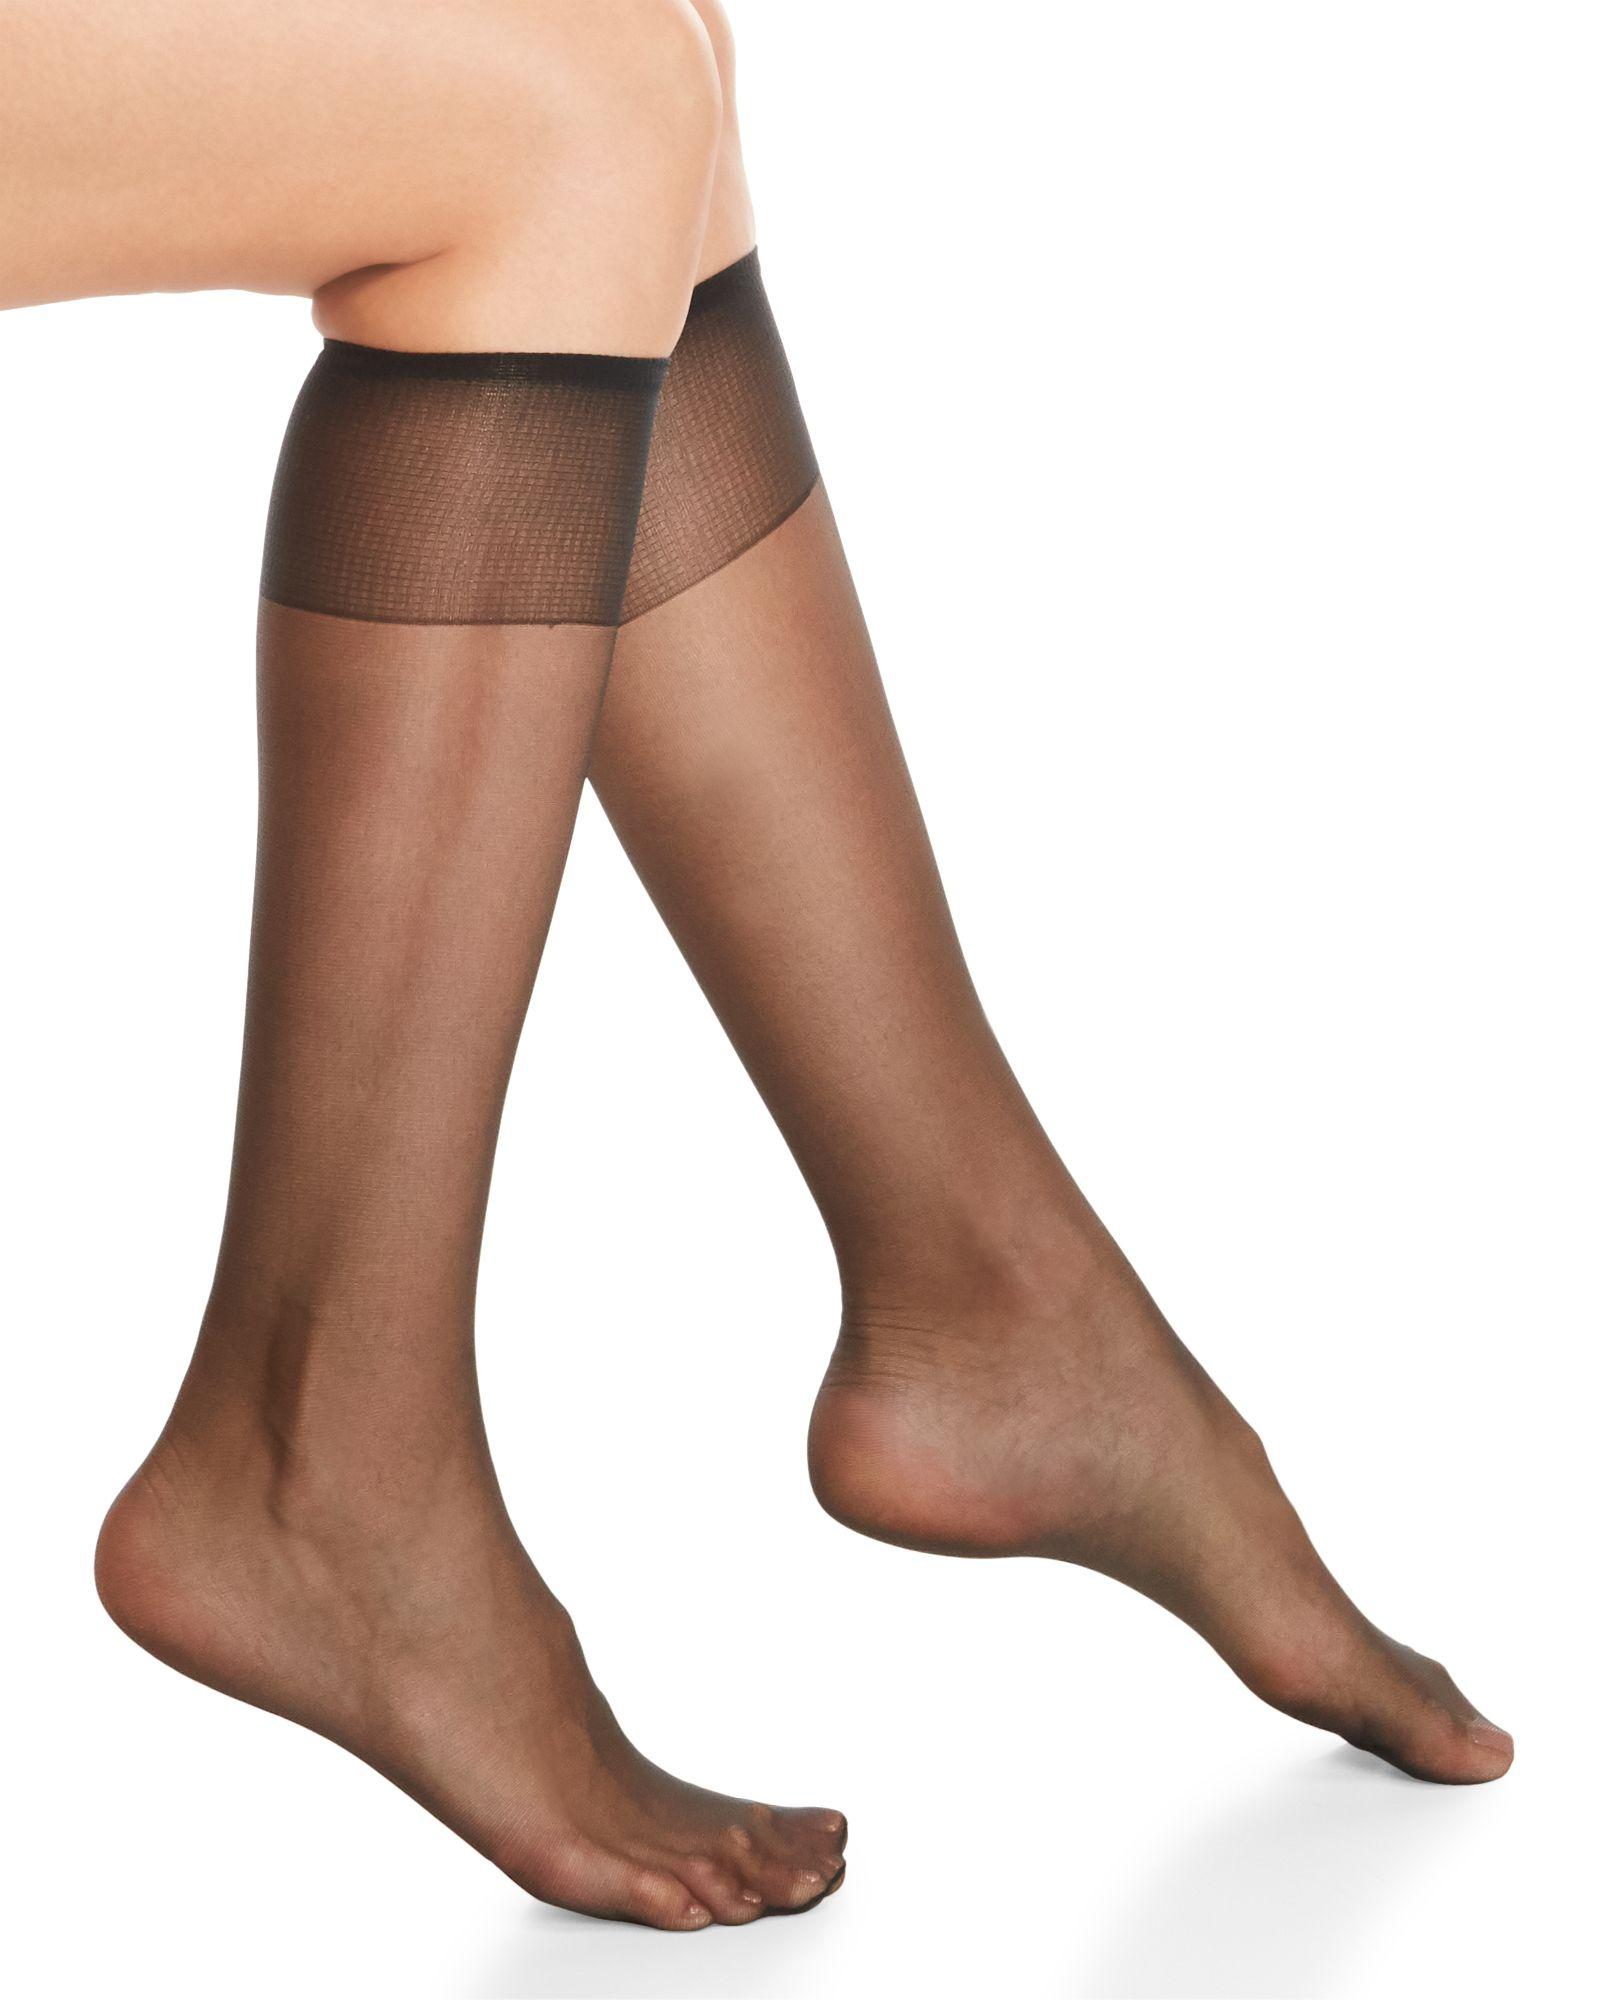 23d253ca793 Hanes Silky Sheer Sheer Toe Knee-Highs